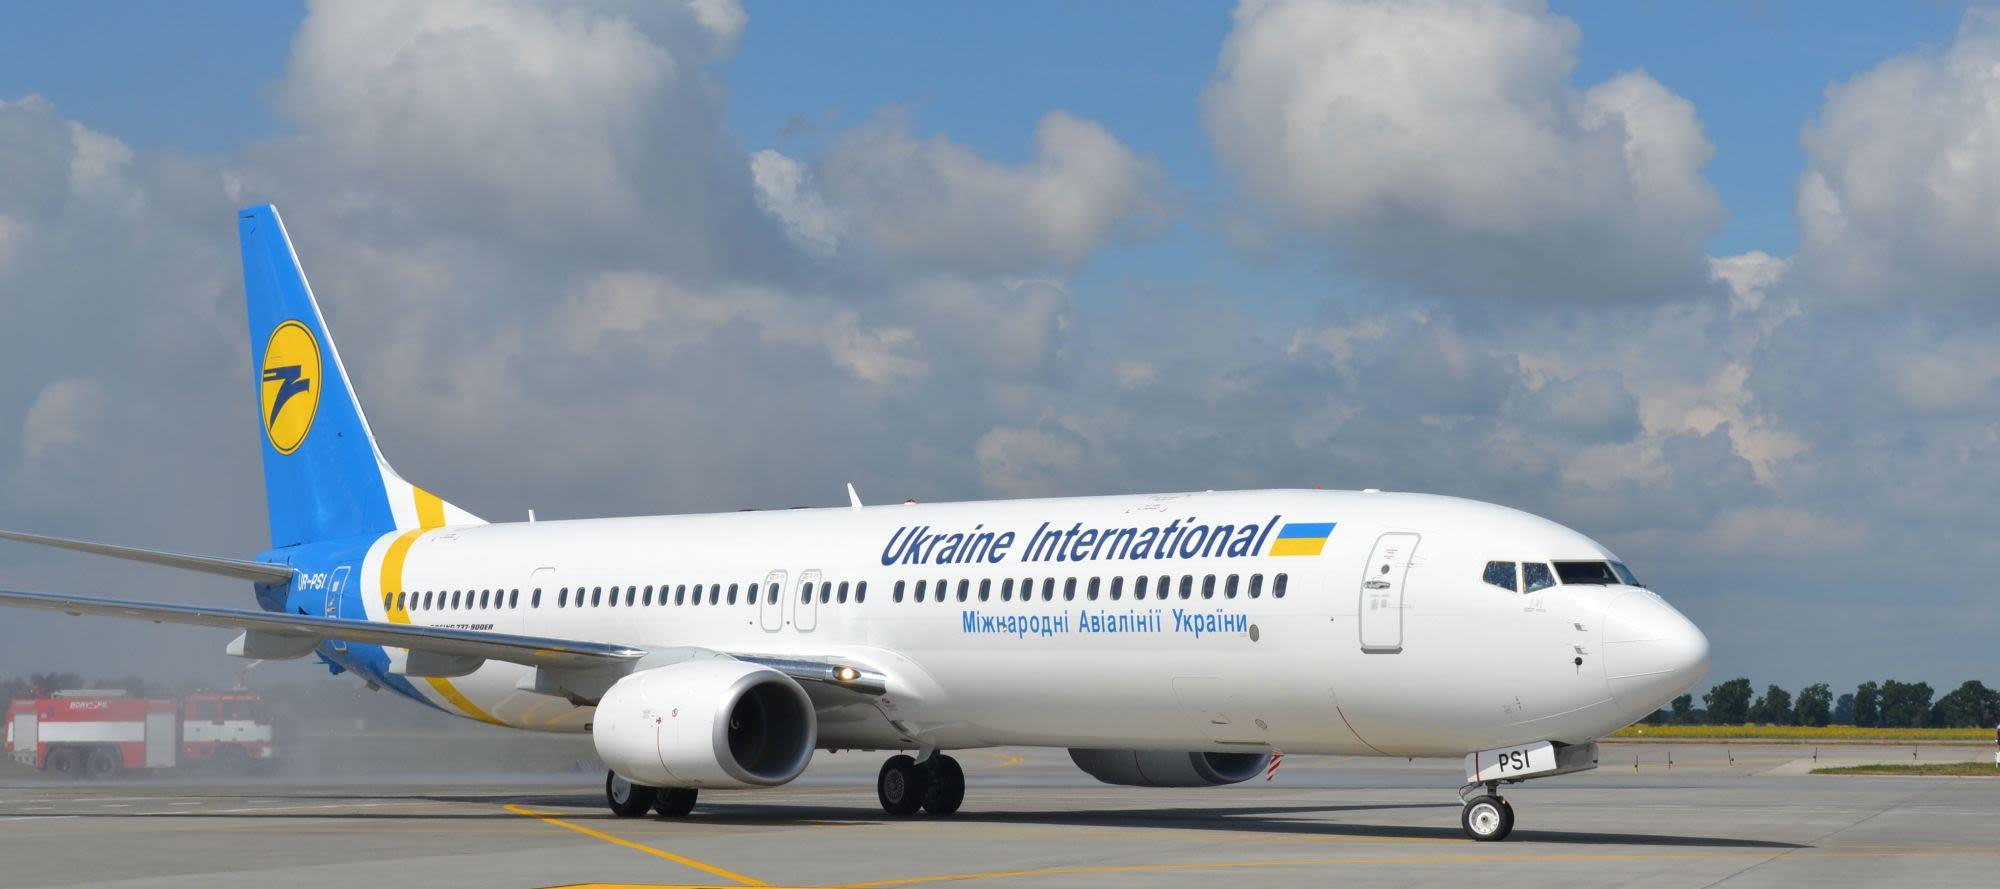 מטוס בואינג 737 של UIA יוקריין אינטרנשיונל איירליינס